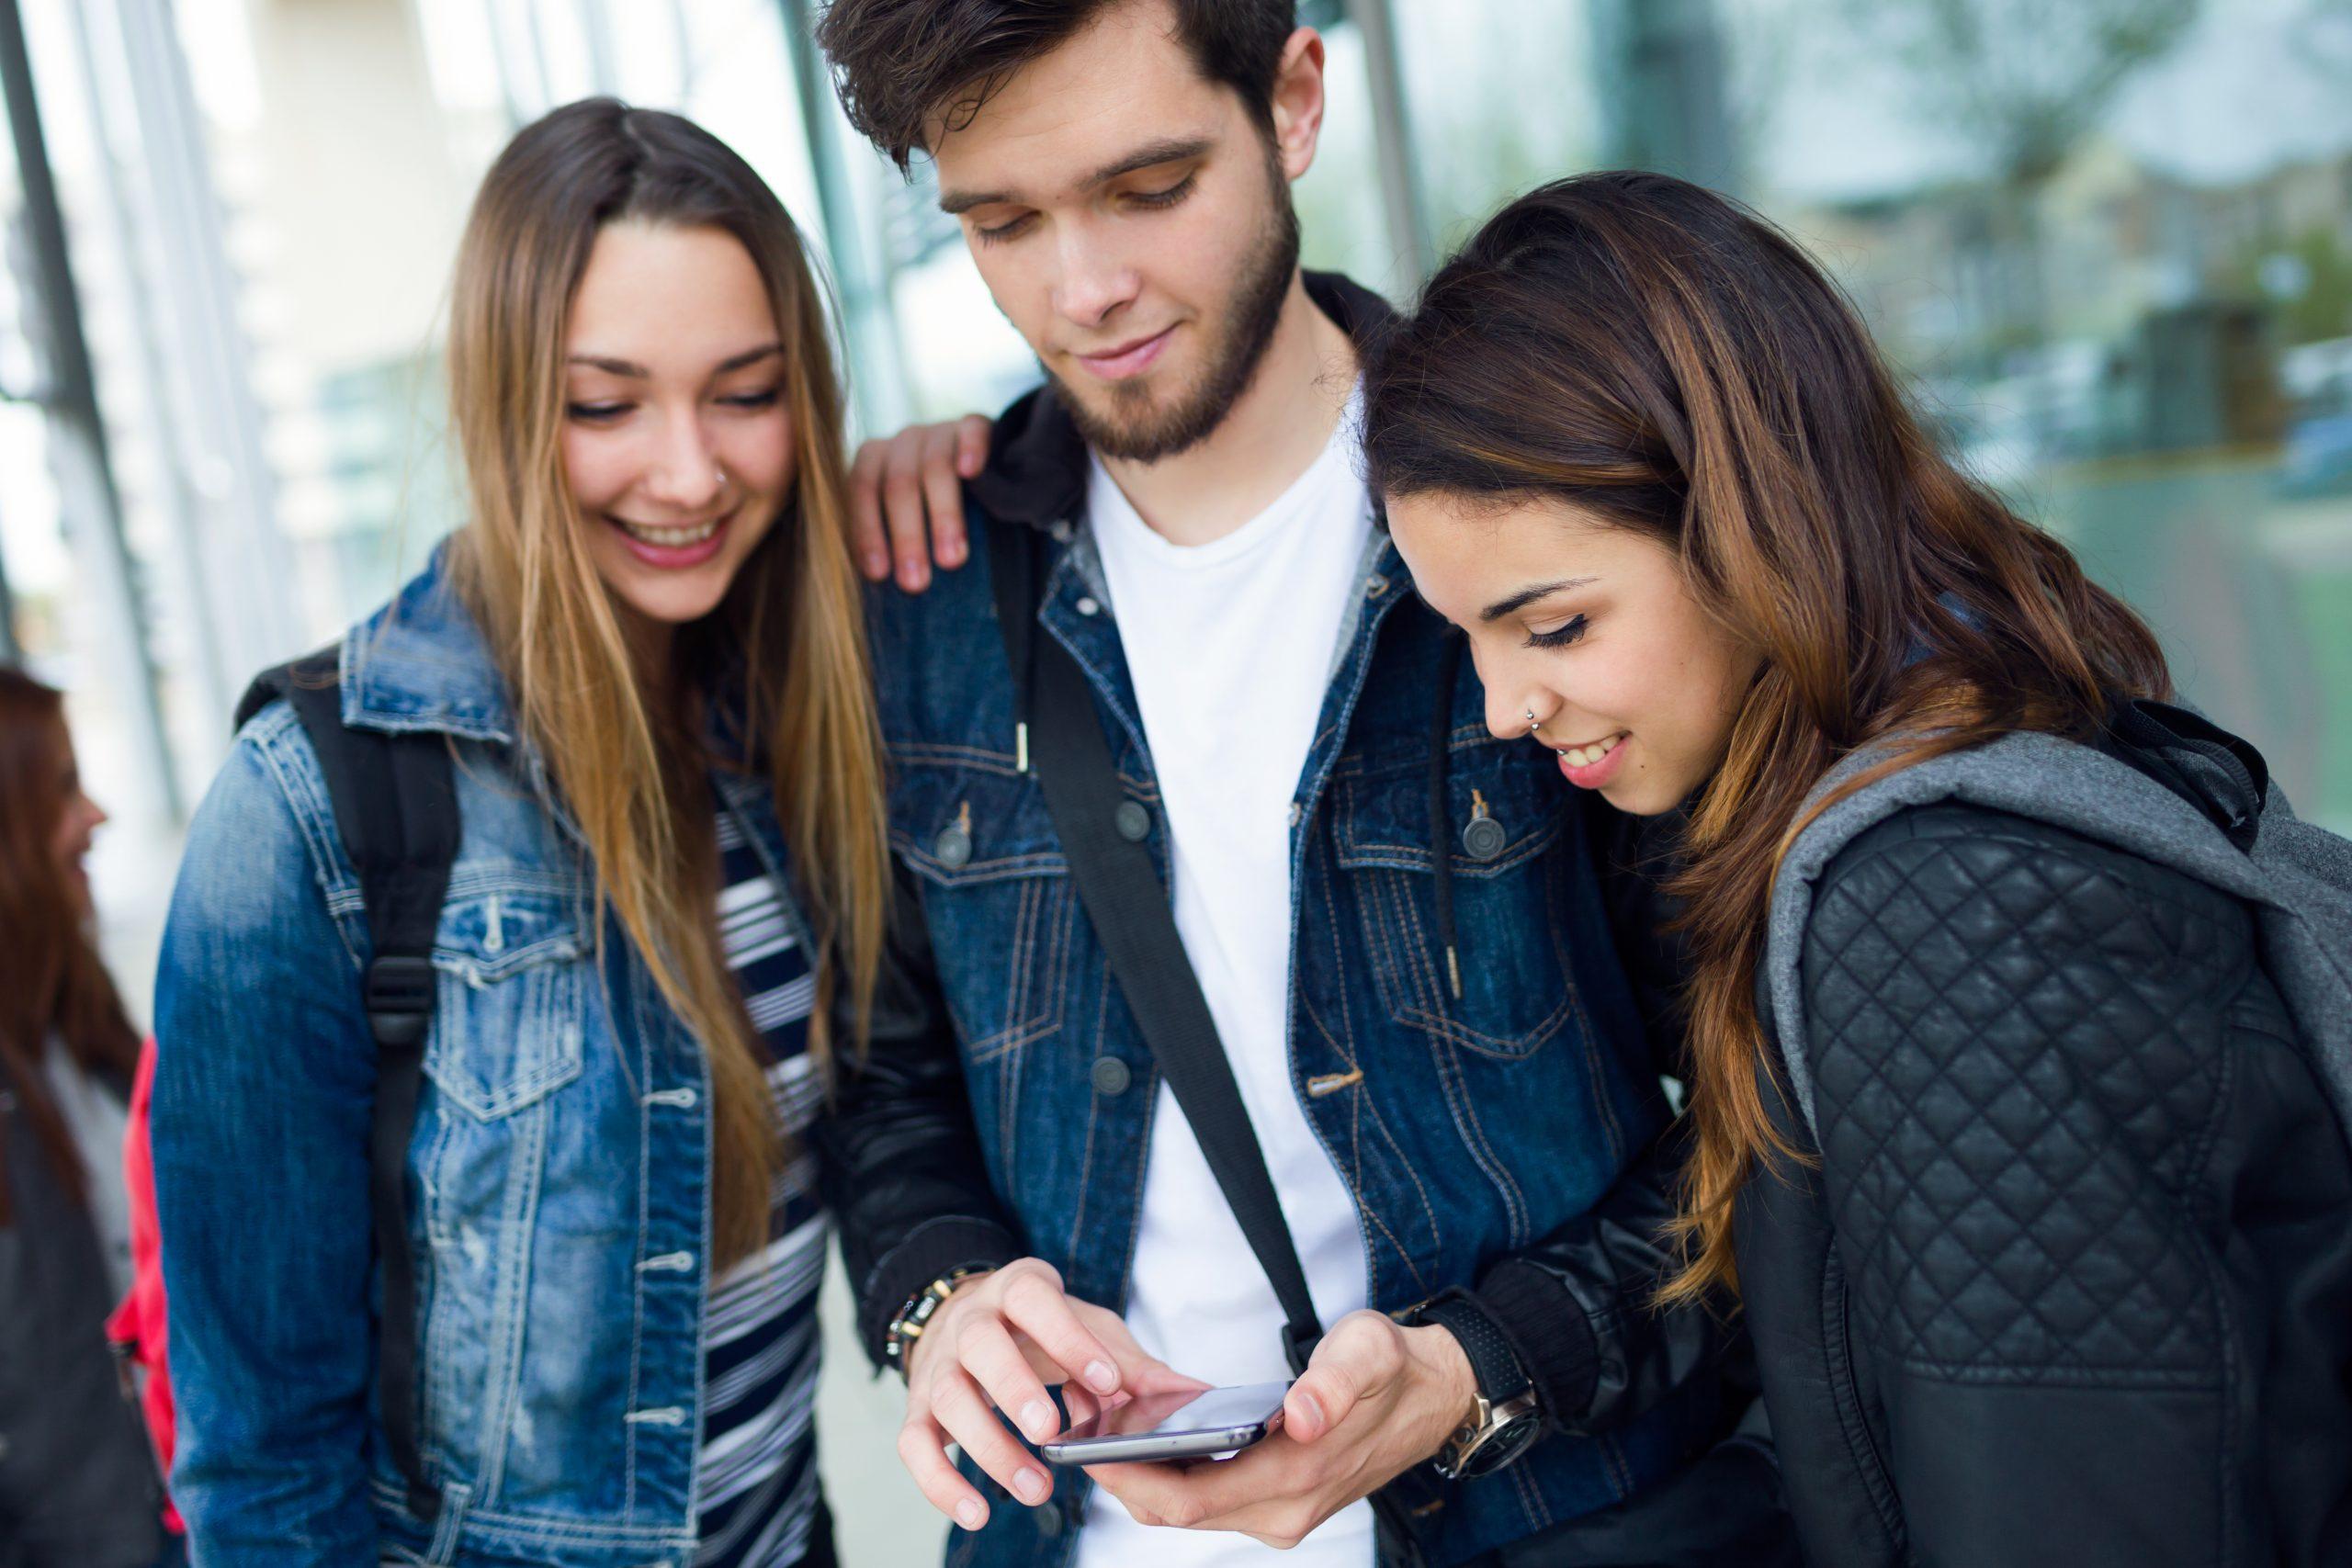 La generación Z se informa sobre el cáncer a través de internet